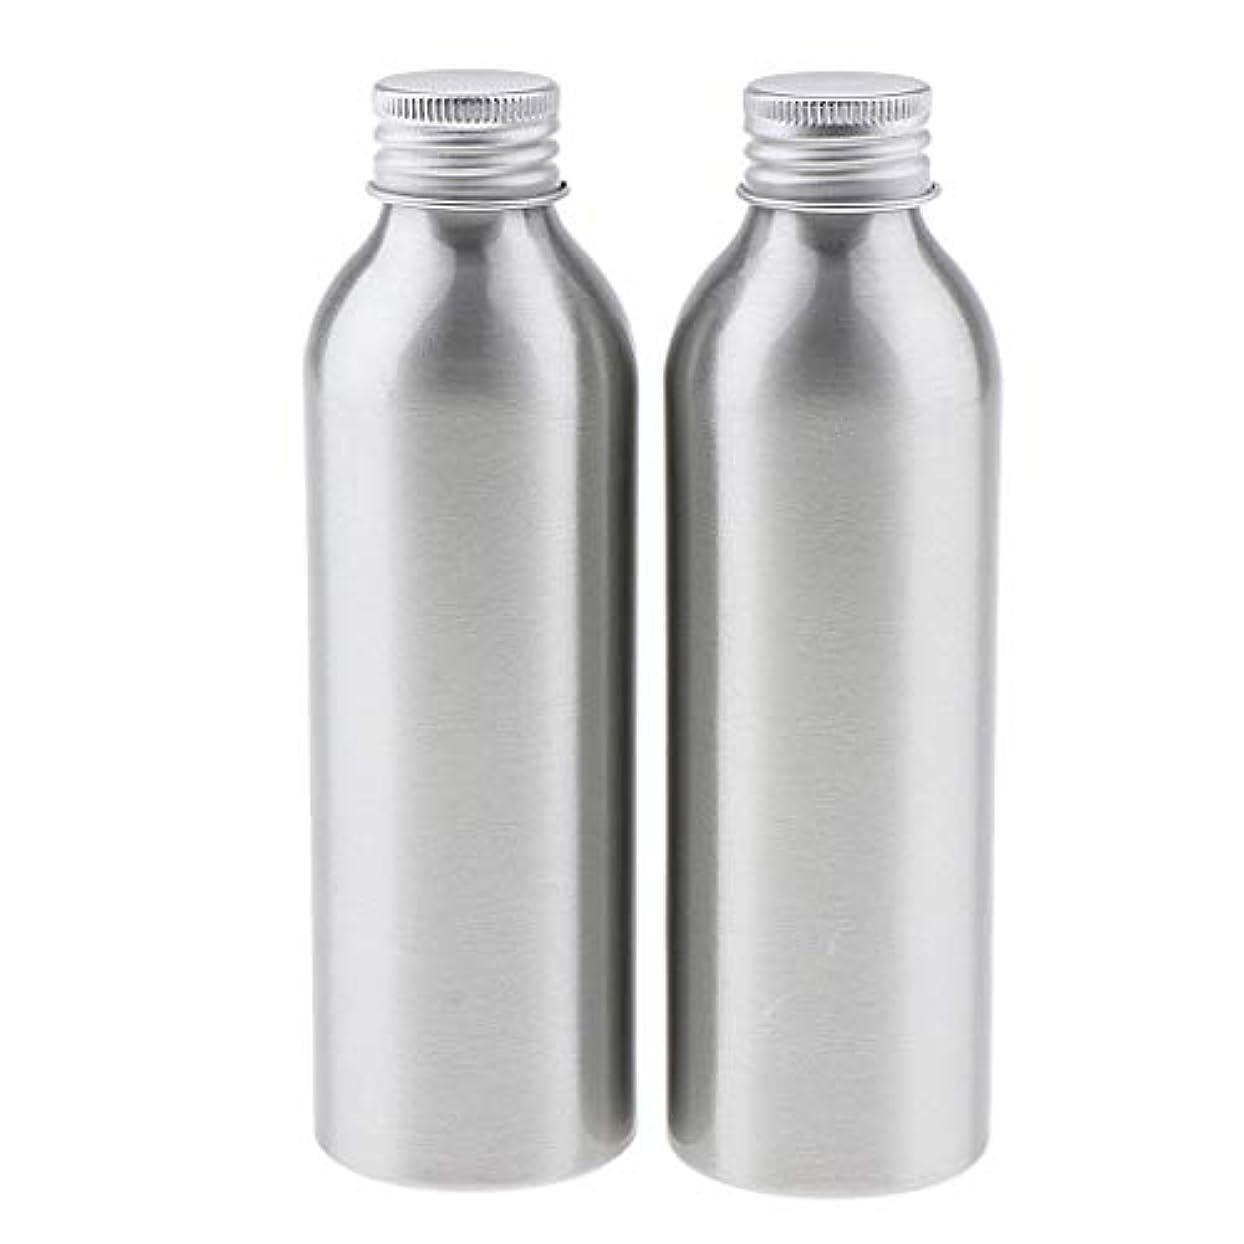 部族設計図マウスピースDYNWAVE 2本 アルミボトル 空容器 化粧品収納容器 ディスペンサーボトル シルバー 全5サイズ - 150ml